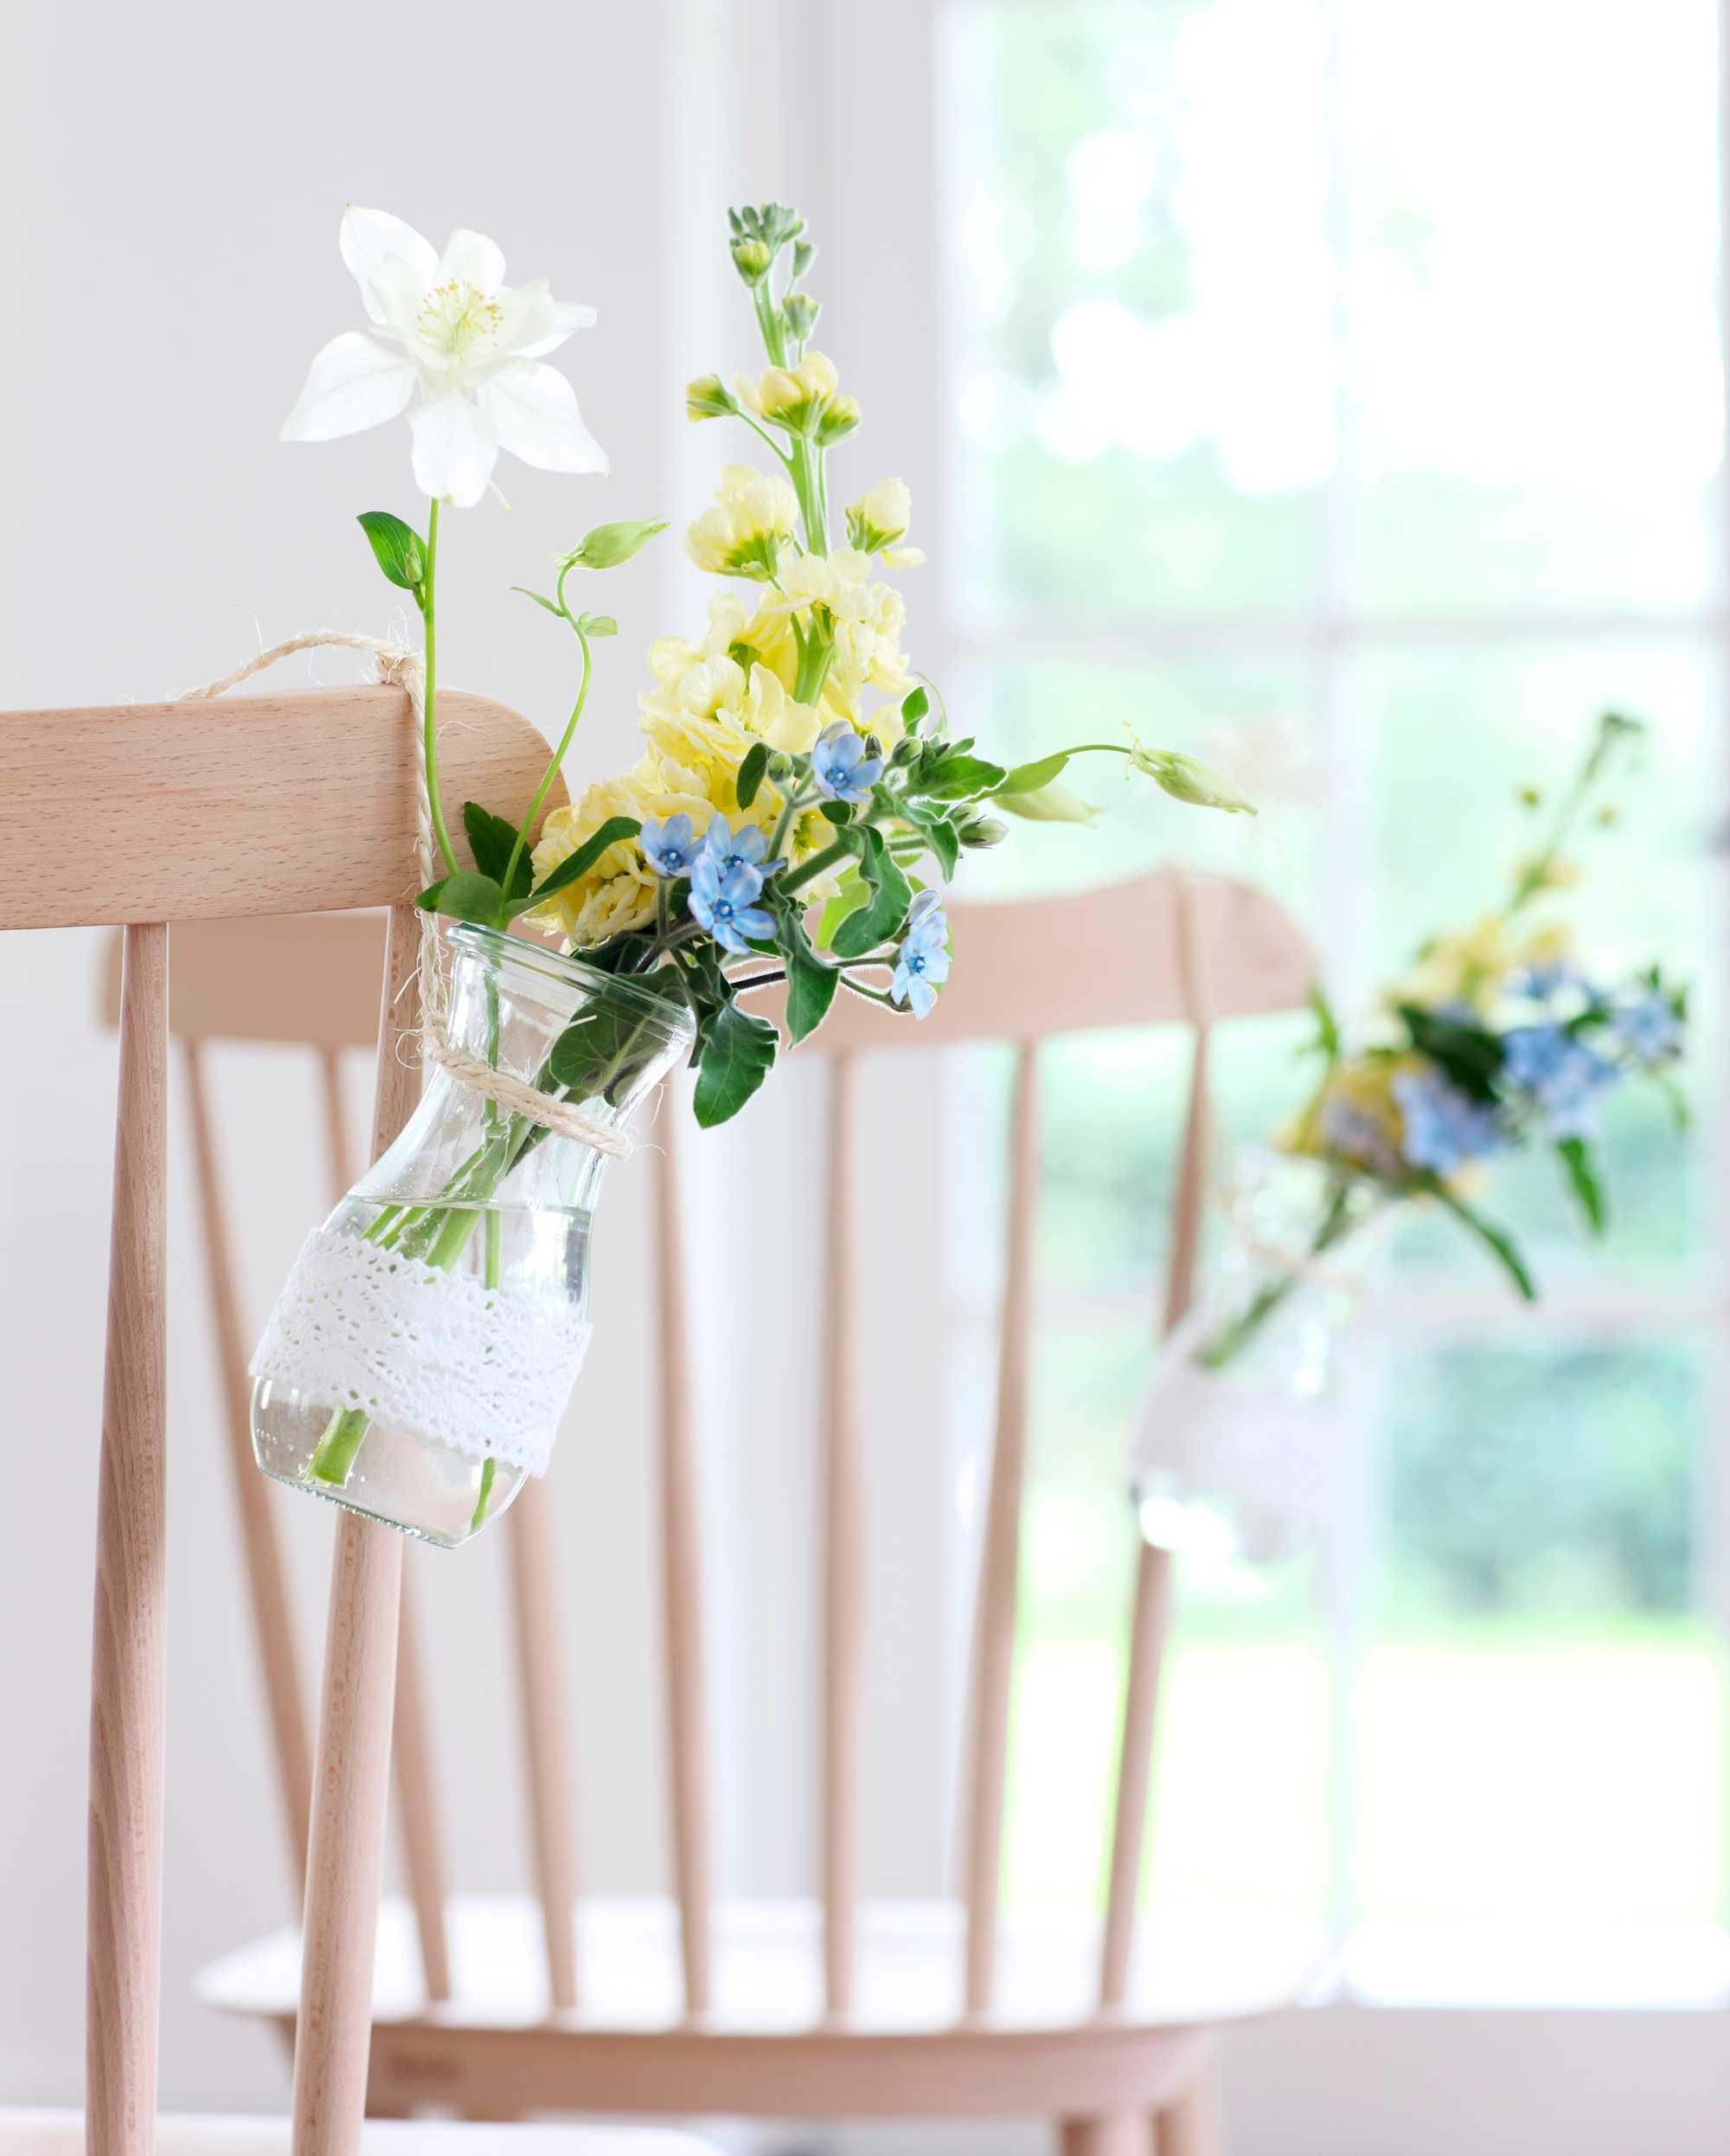 hangend groen - stoel